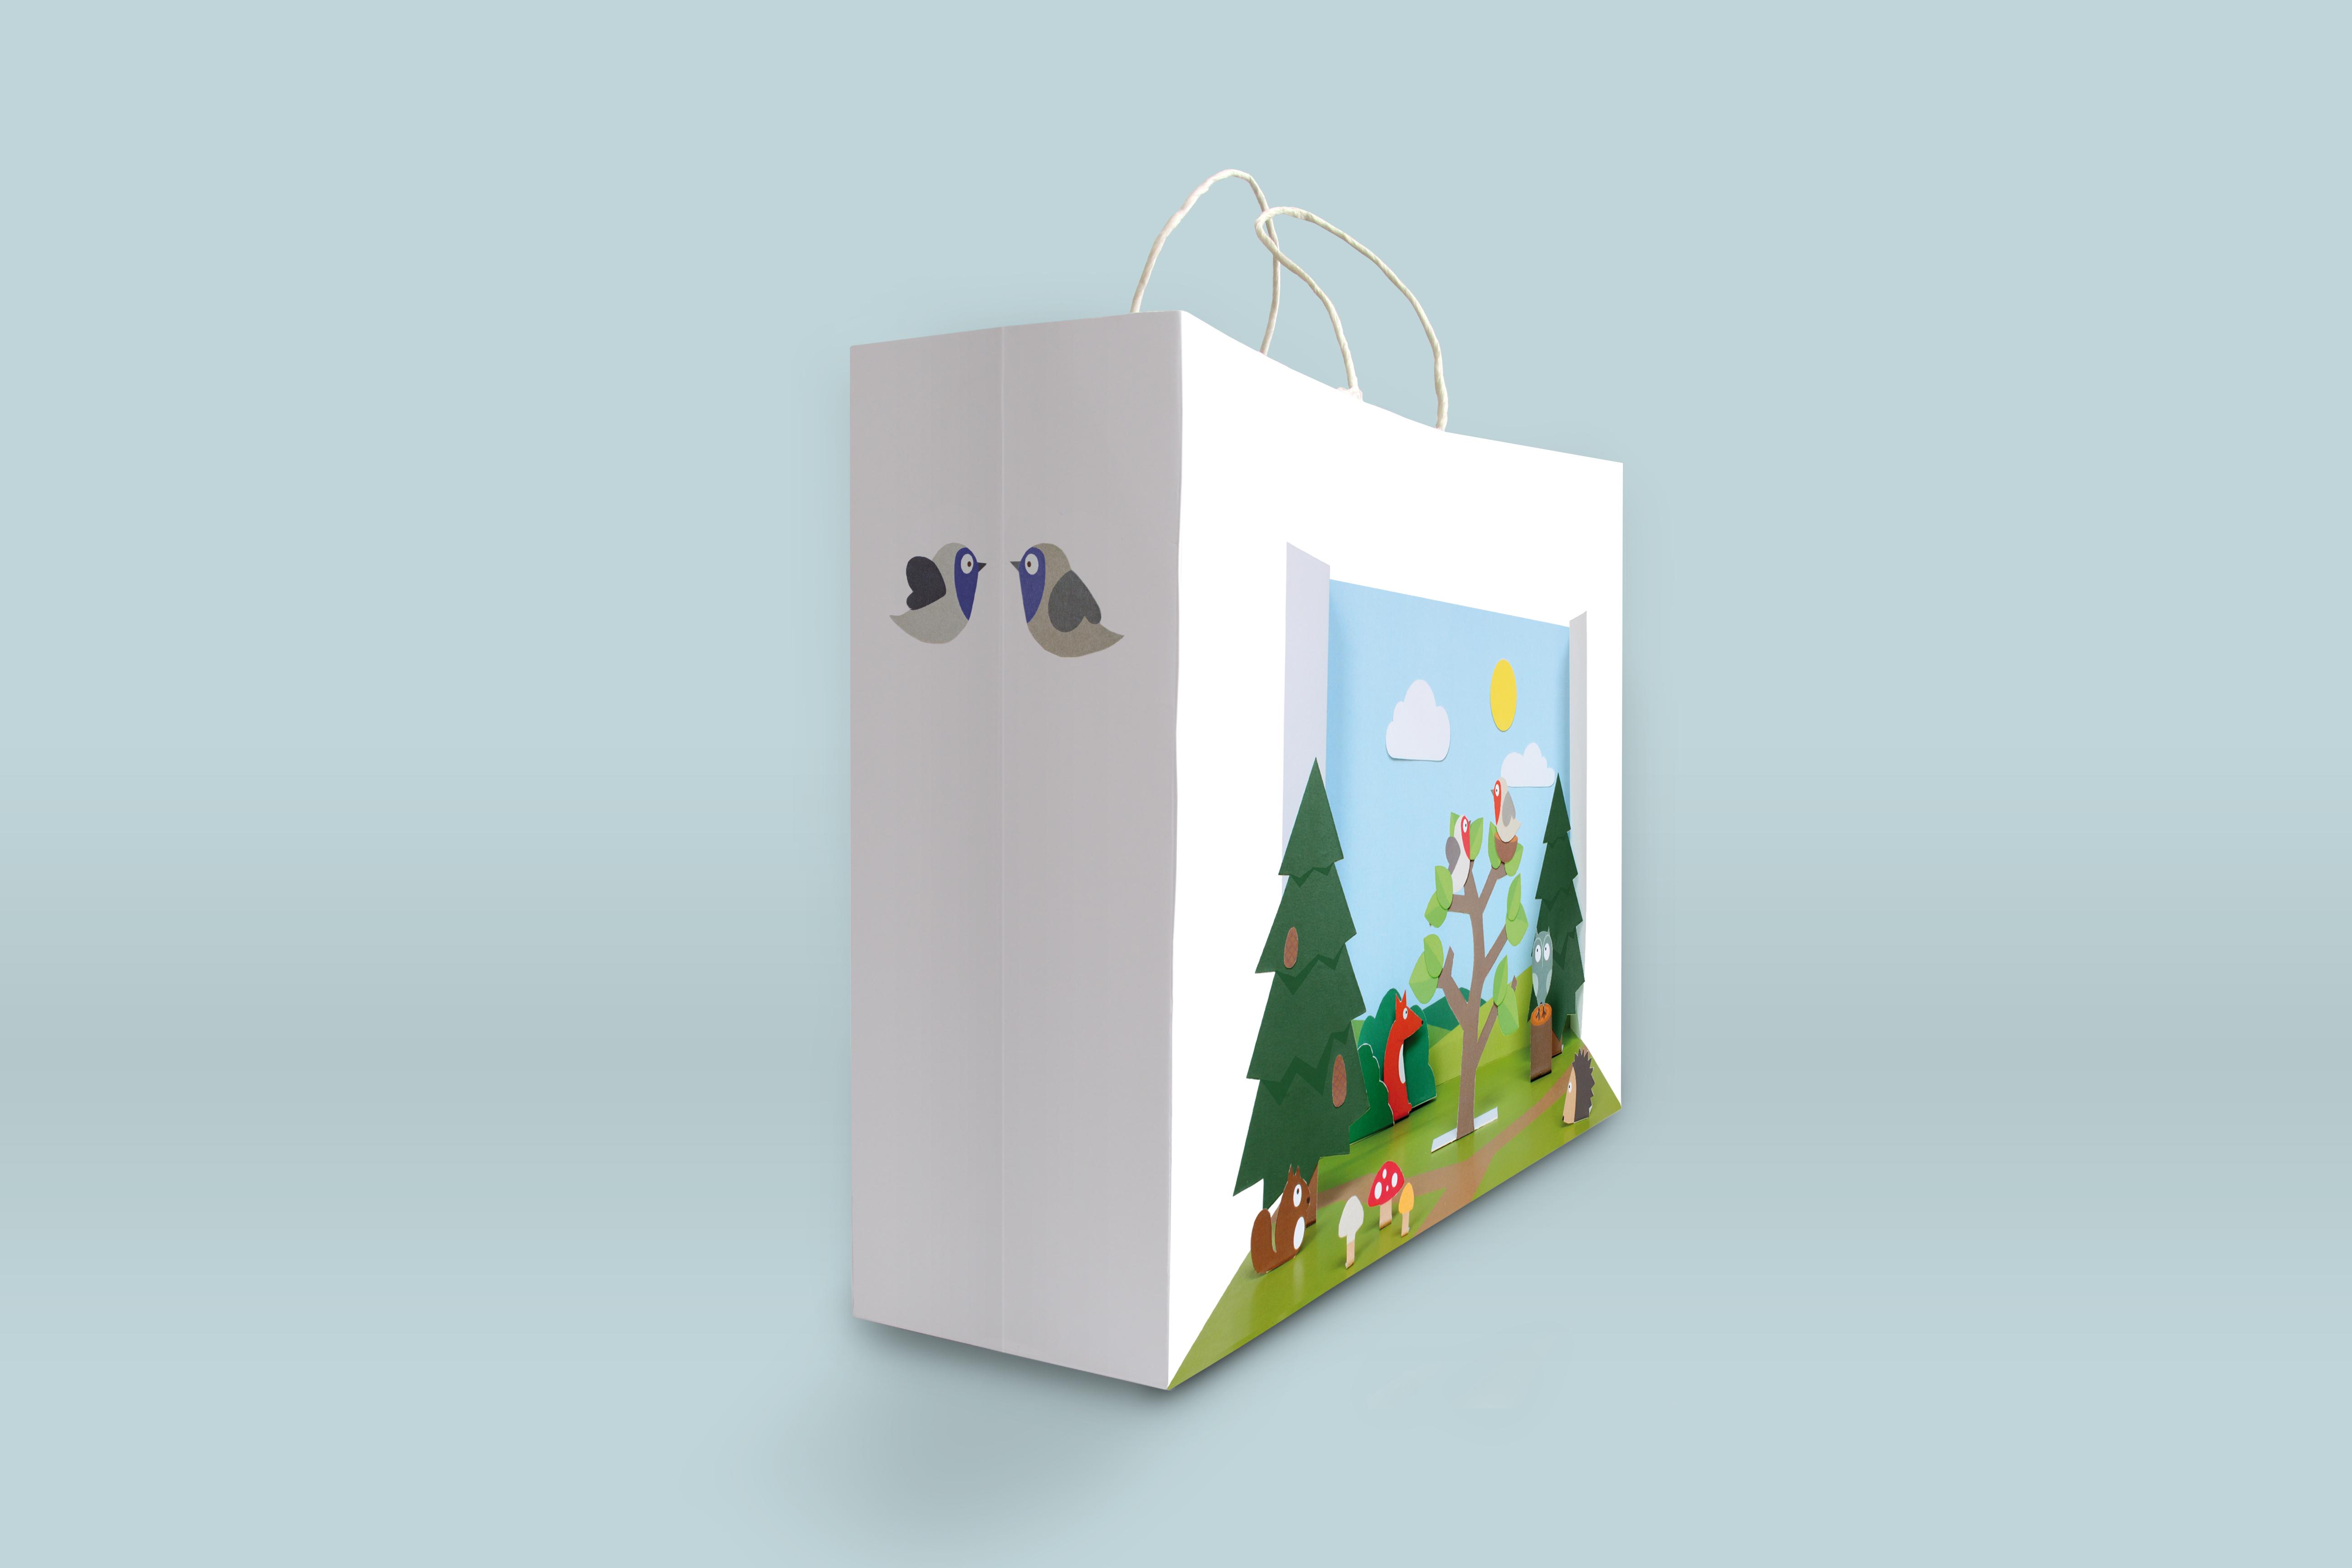 paperbag forest